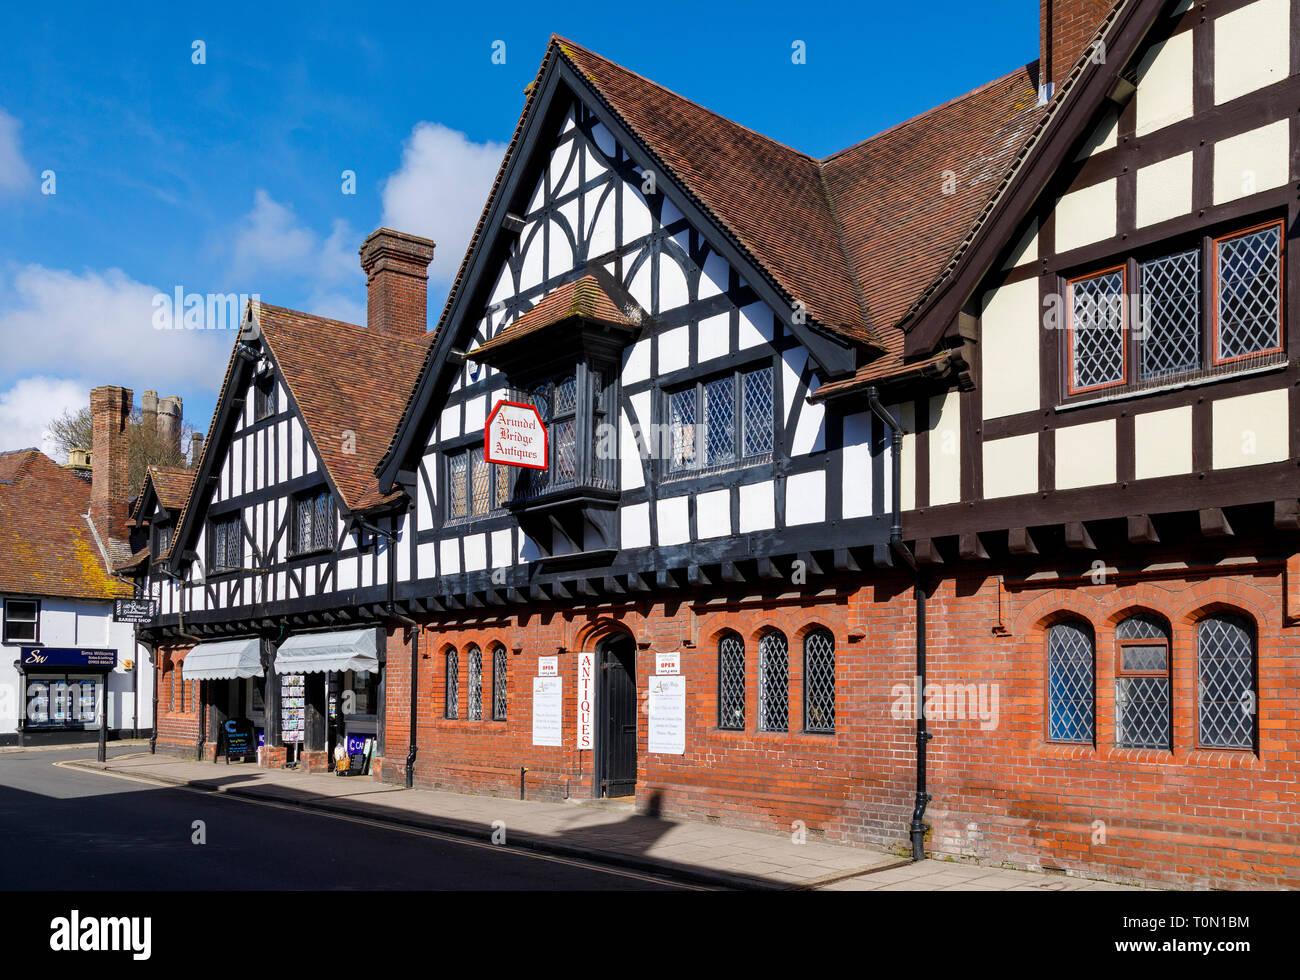 High Street, Arundel, West Sussex. Le aziende entro una metà C19 francone ed edificio di mattoni rossi con finestre al piombo e tetto di tegole. Immagini Stock